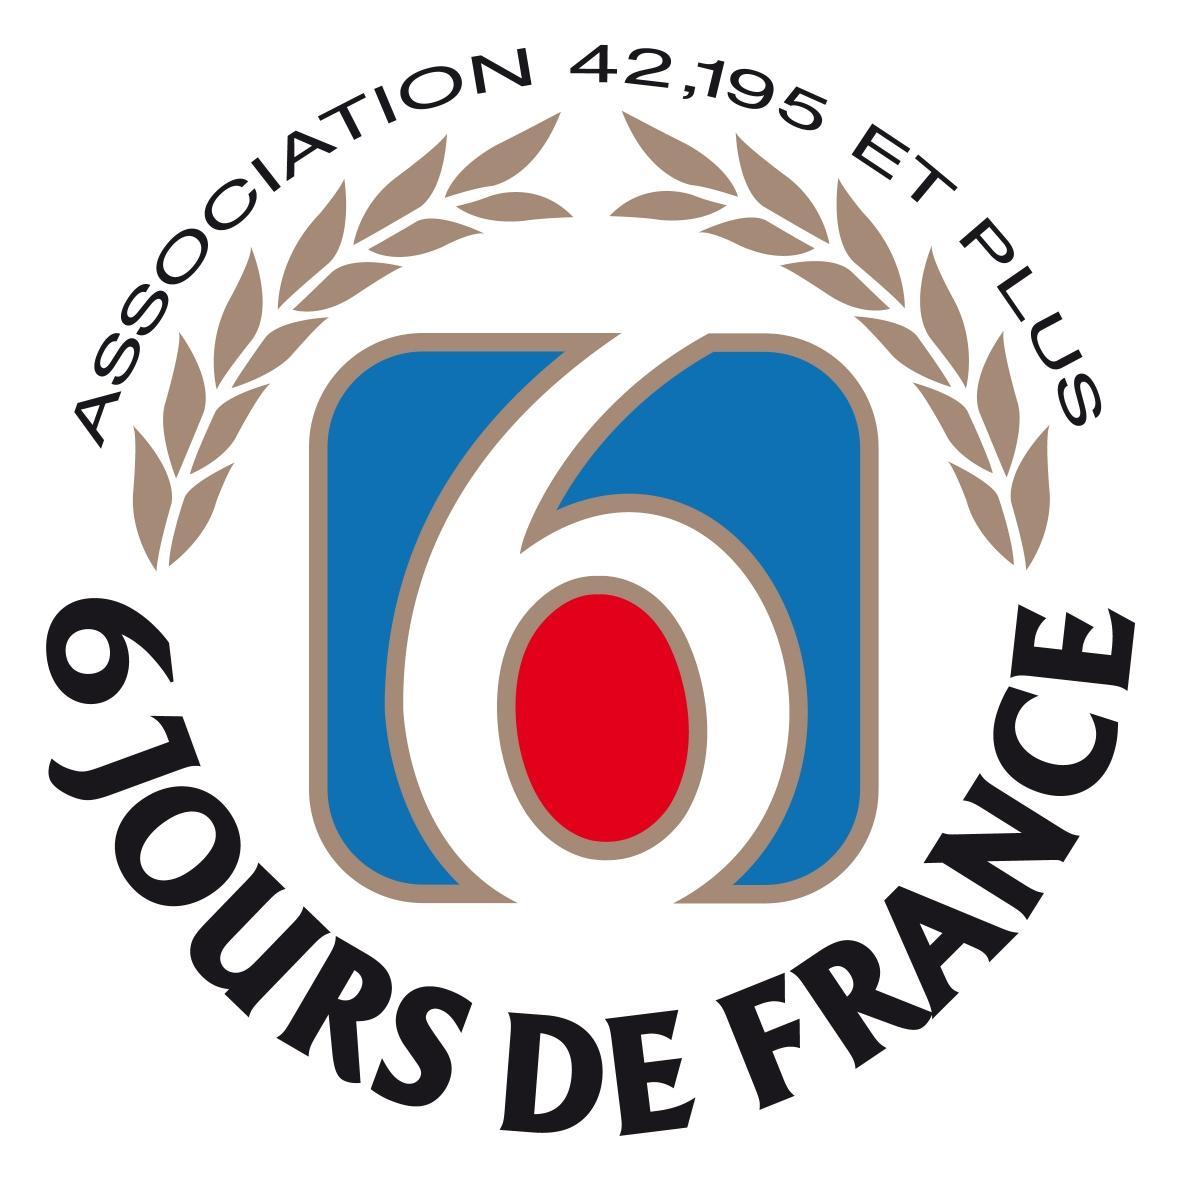 6joursdefrance